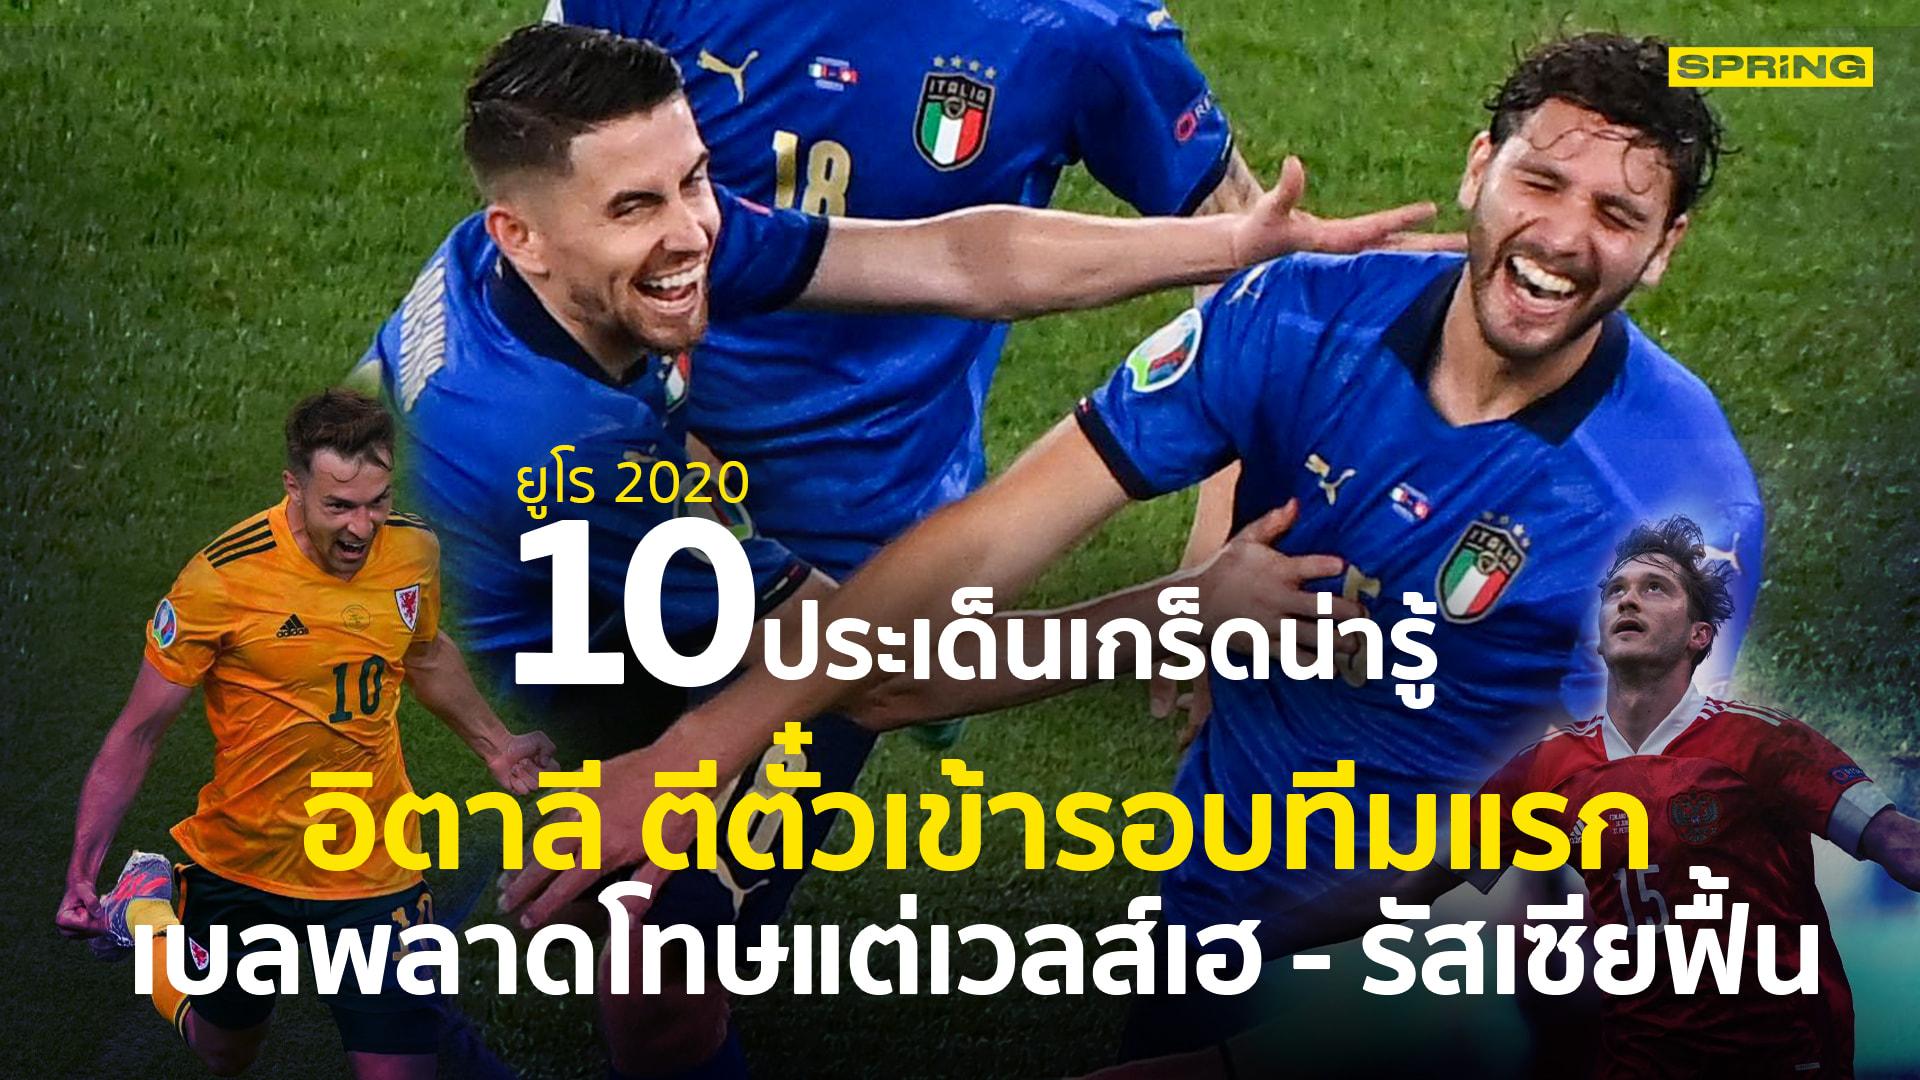 ยูโร 2020 : 10 เรื่องน่ารู้ อิตาลี การันตีเข้ารอบทีมแรก รัสเซียฟื้น เวลส์แรง